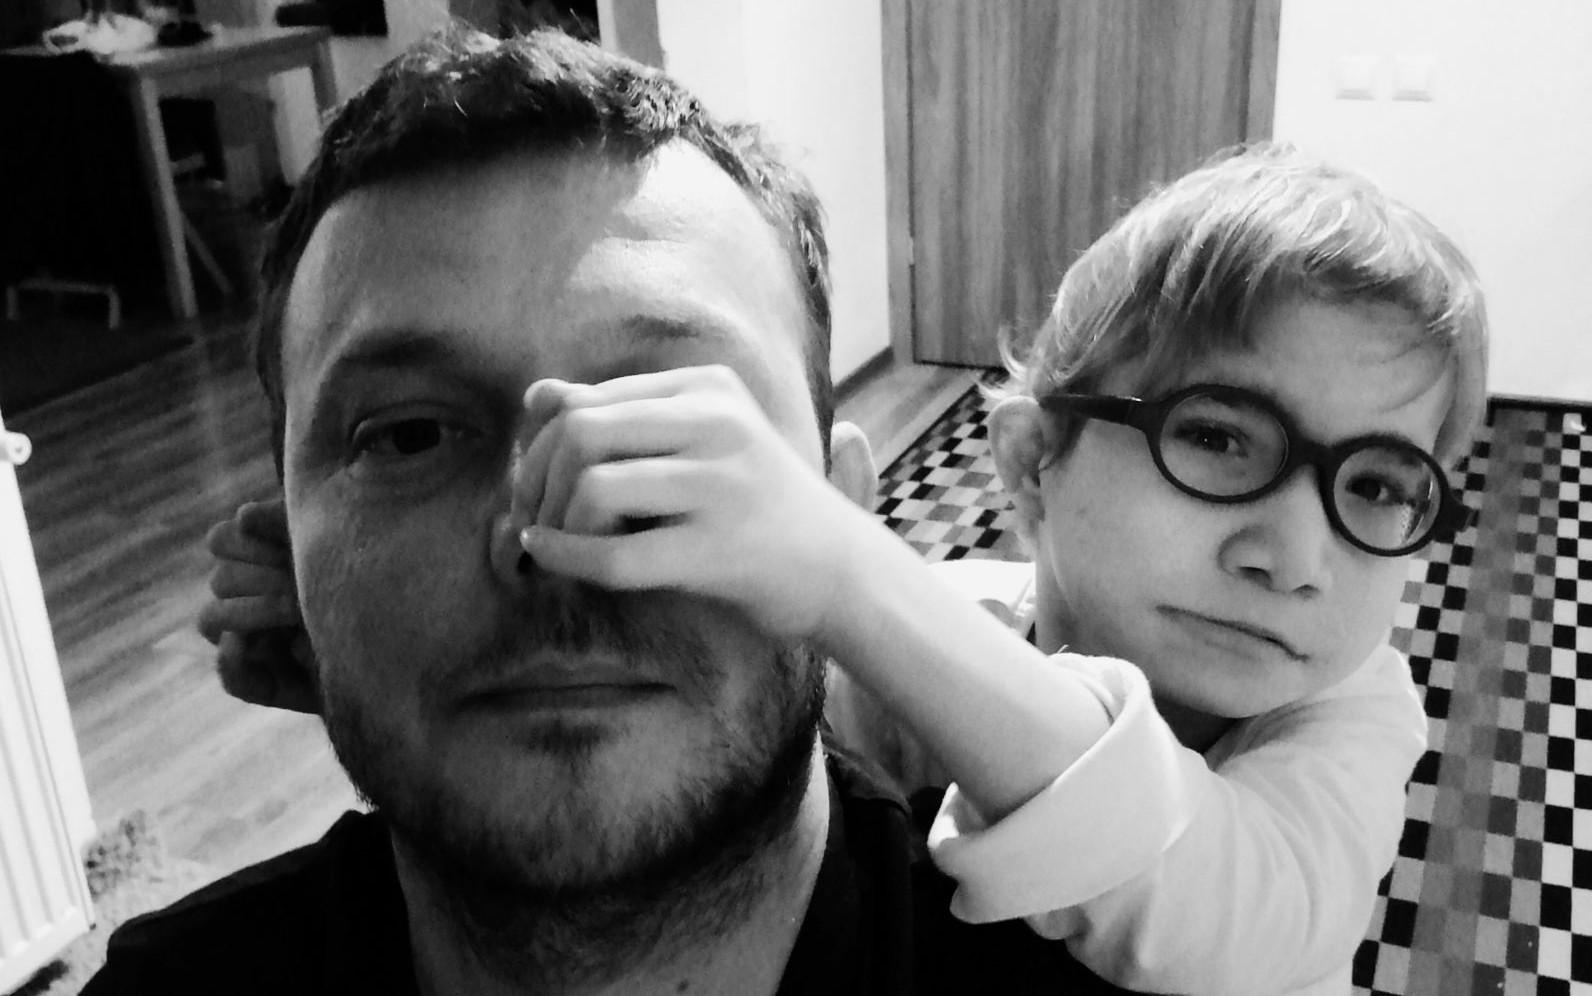 fetiță purtănd ochelari care își trage tatăl de nas. Fața tatalui este acoperită de mănuța fetei. Fetița îl ține cu cealaltă mâna de ureche. Tată este în prim plan. Amăndoi privesc spre cameră